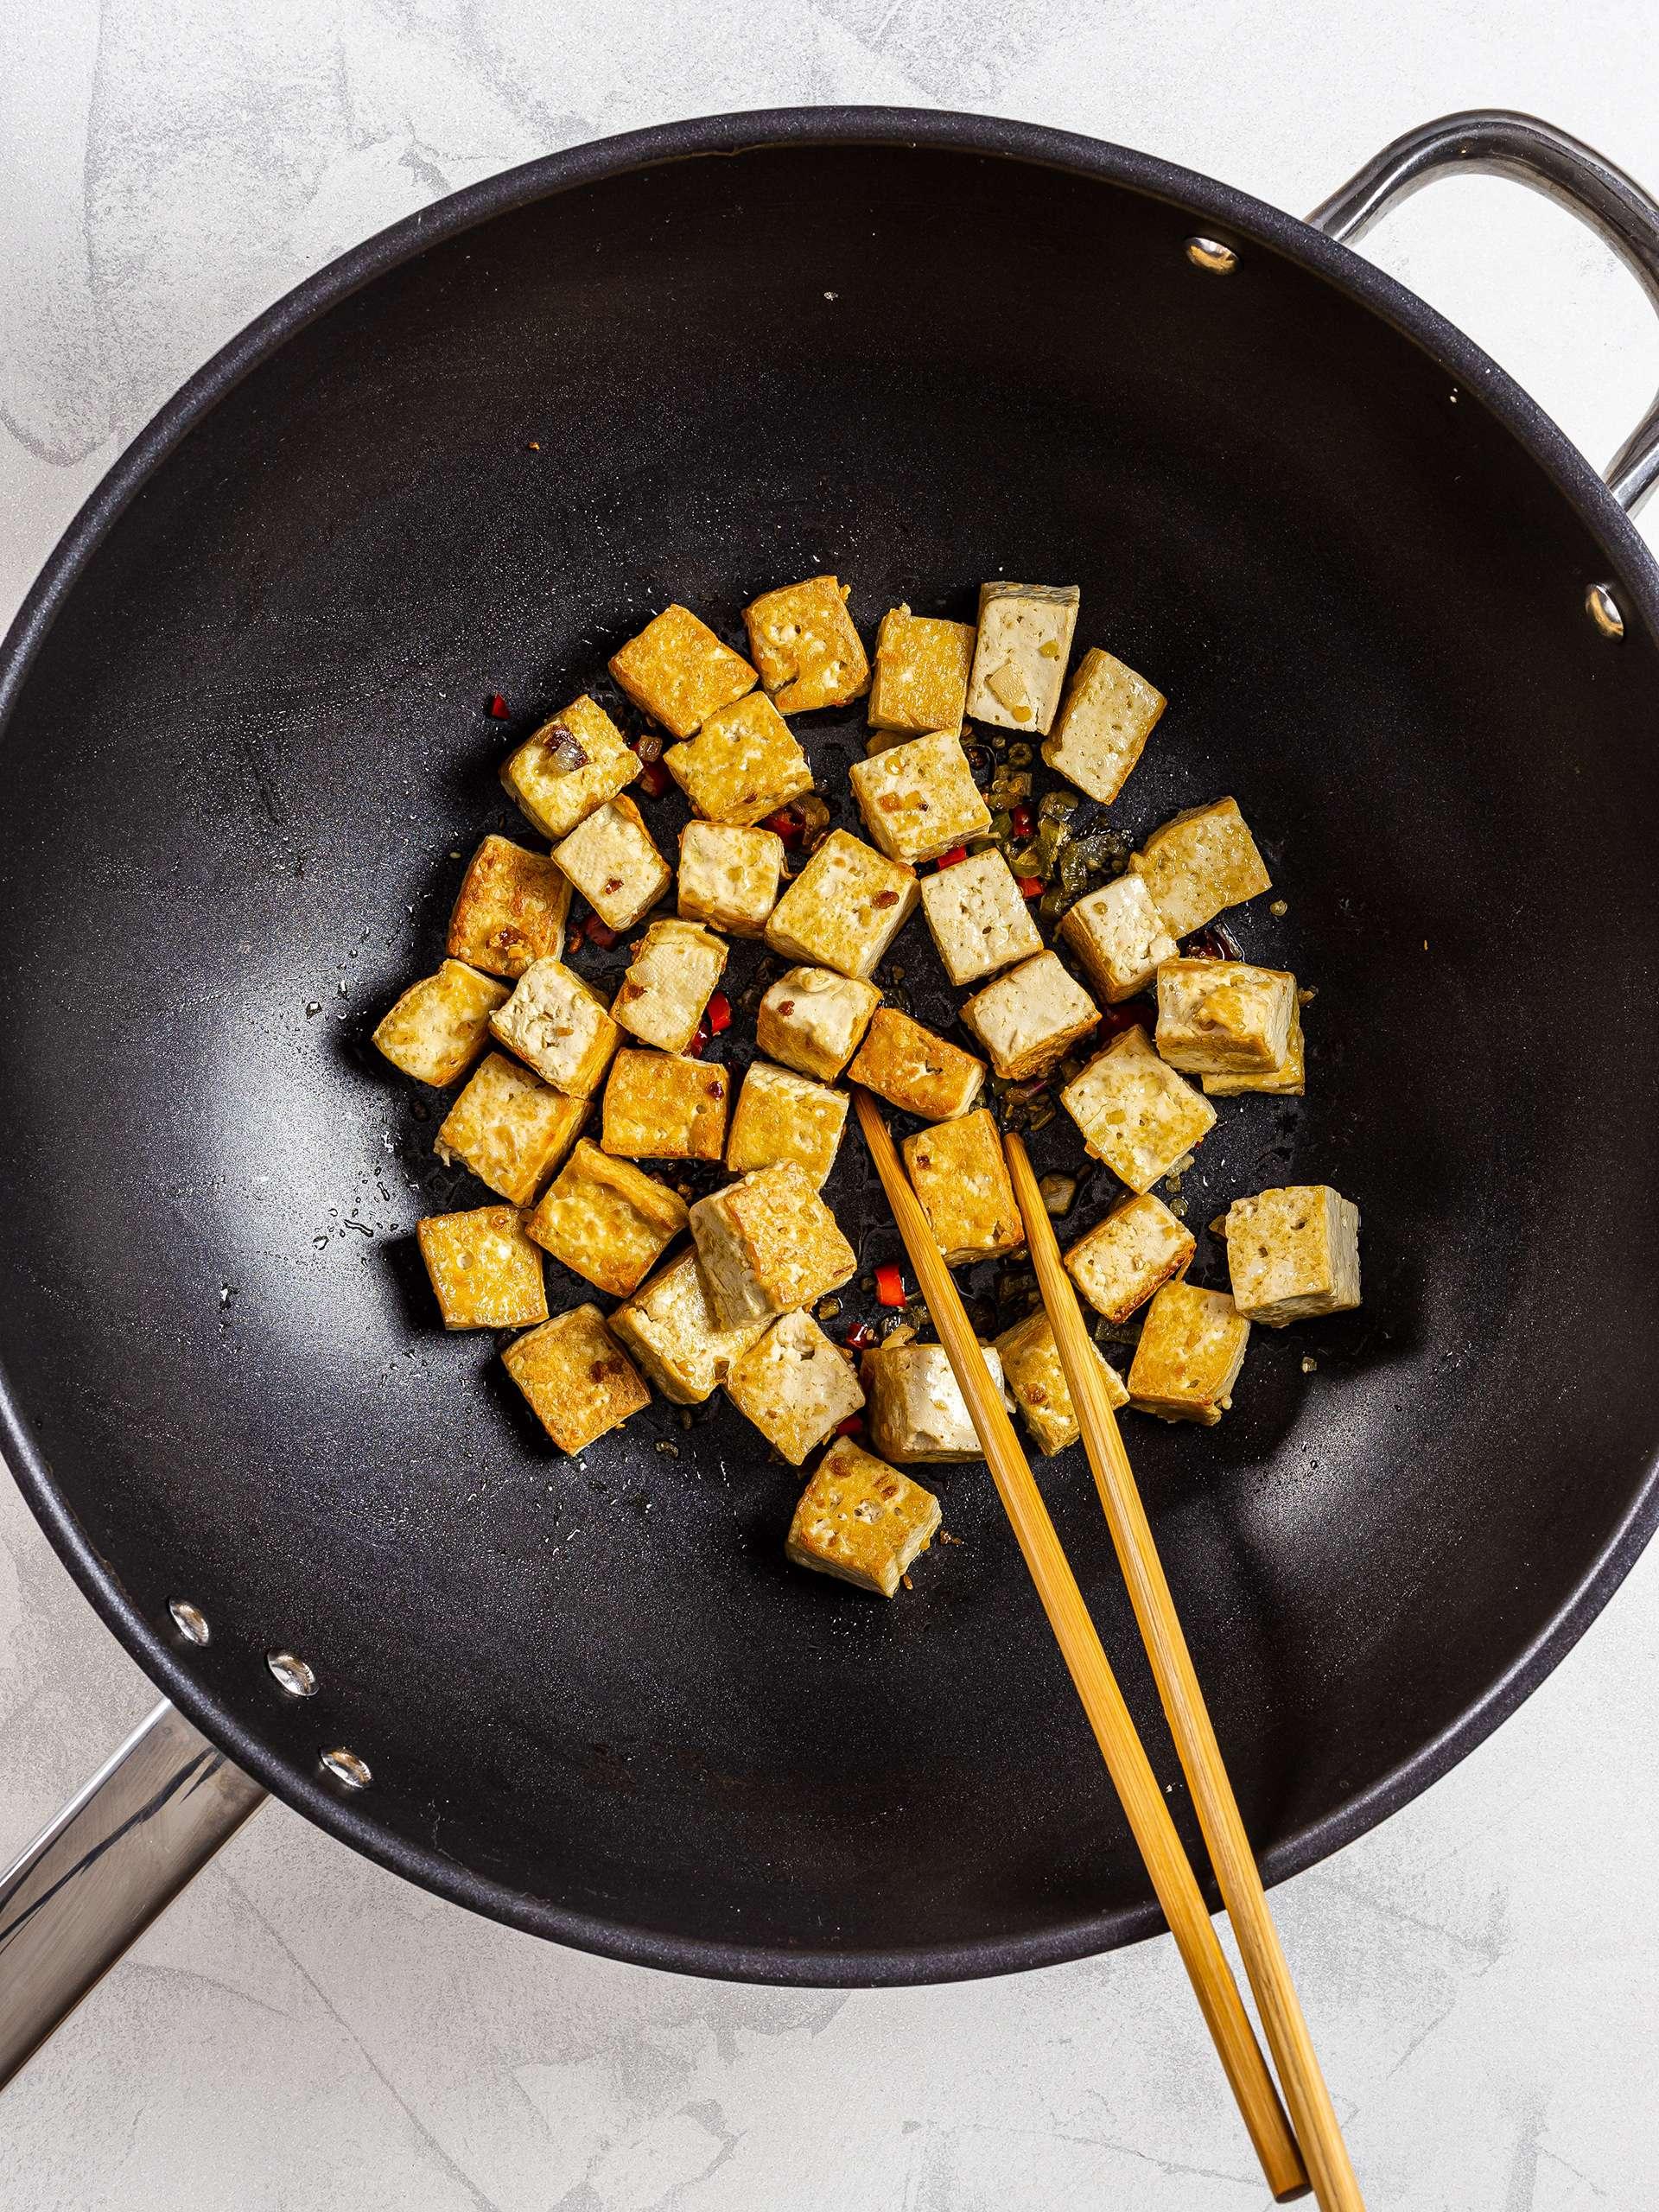 Seared tofu cubes in a wok